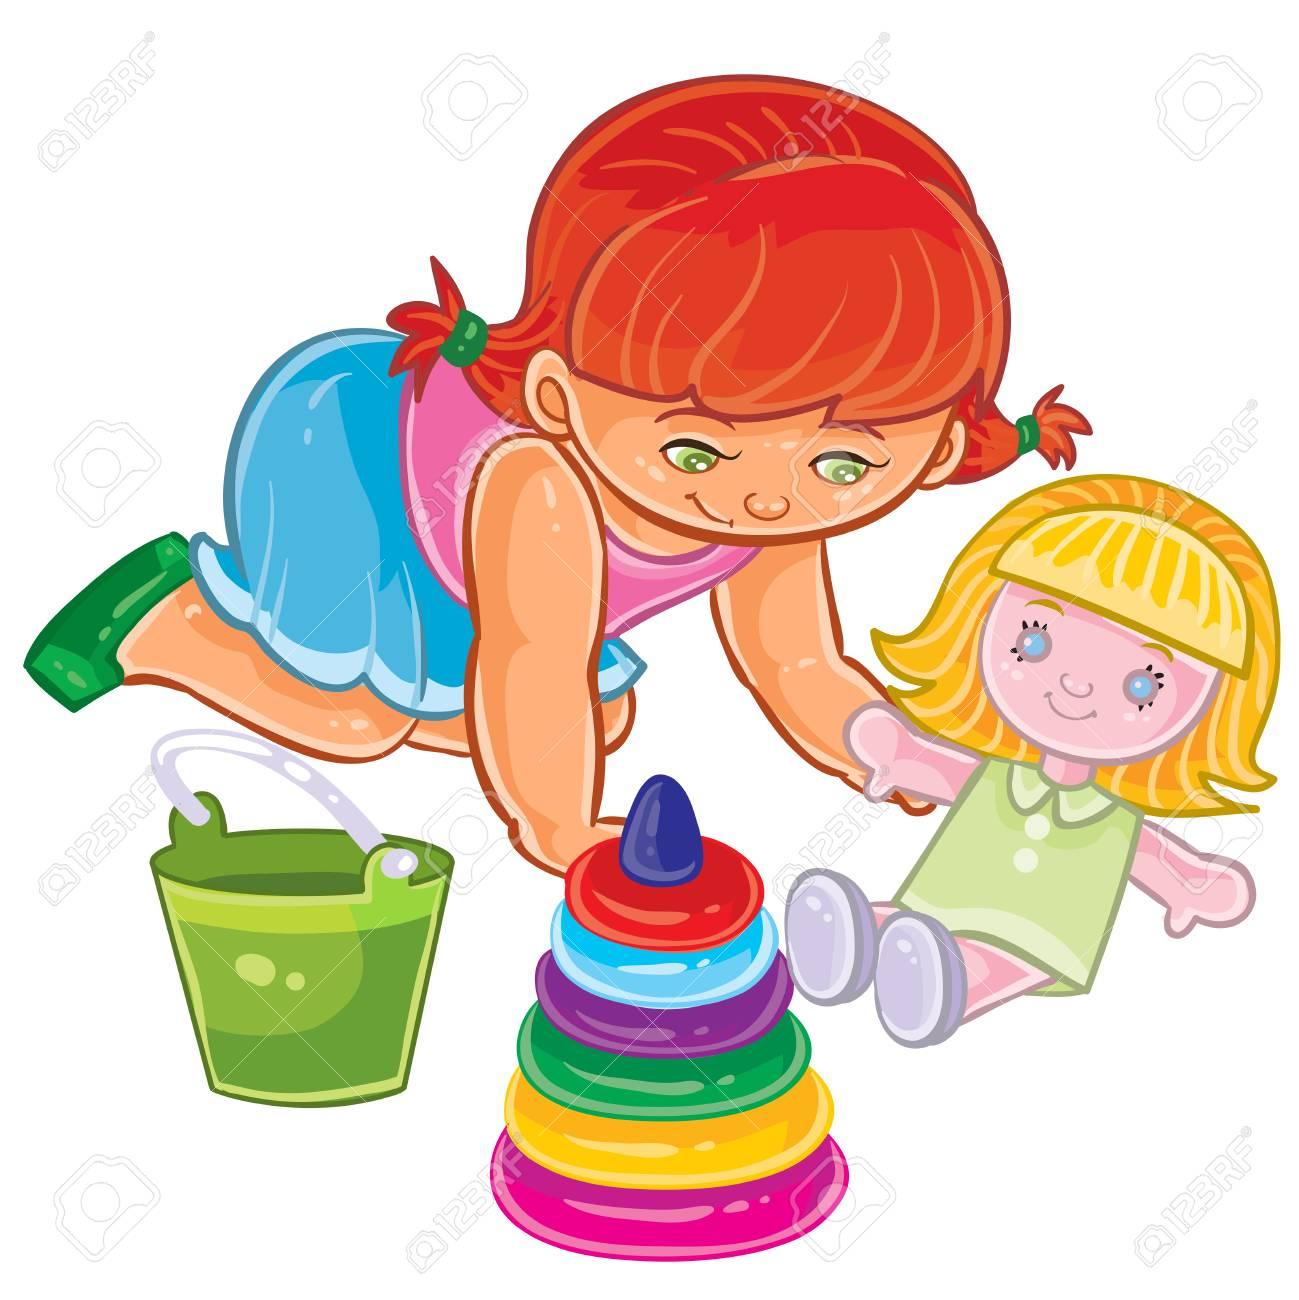 ベクトル床に座っている若い女の子のイラスト人形と遊ぶのイラスト